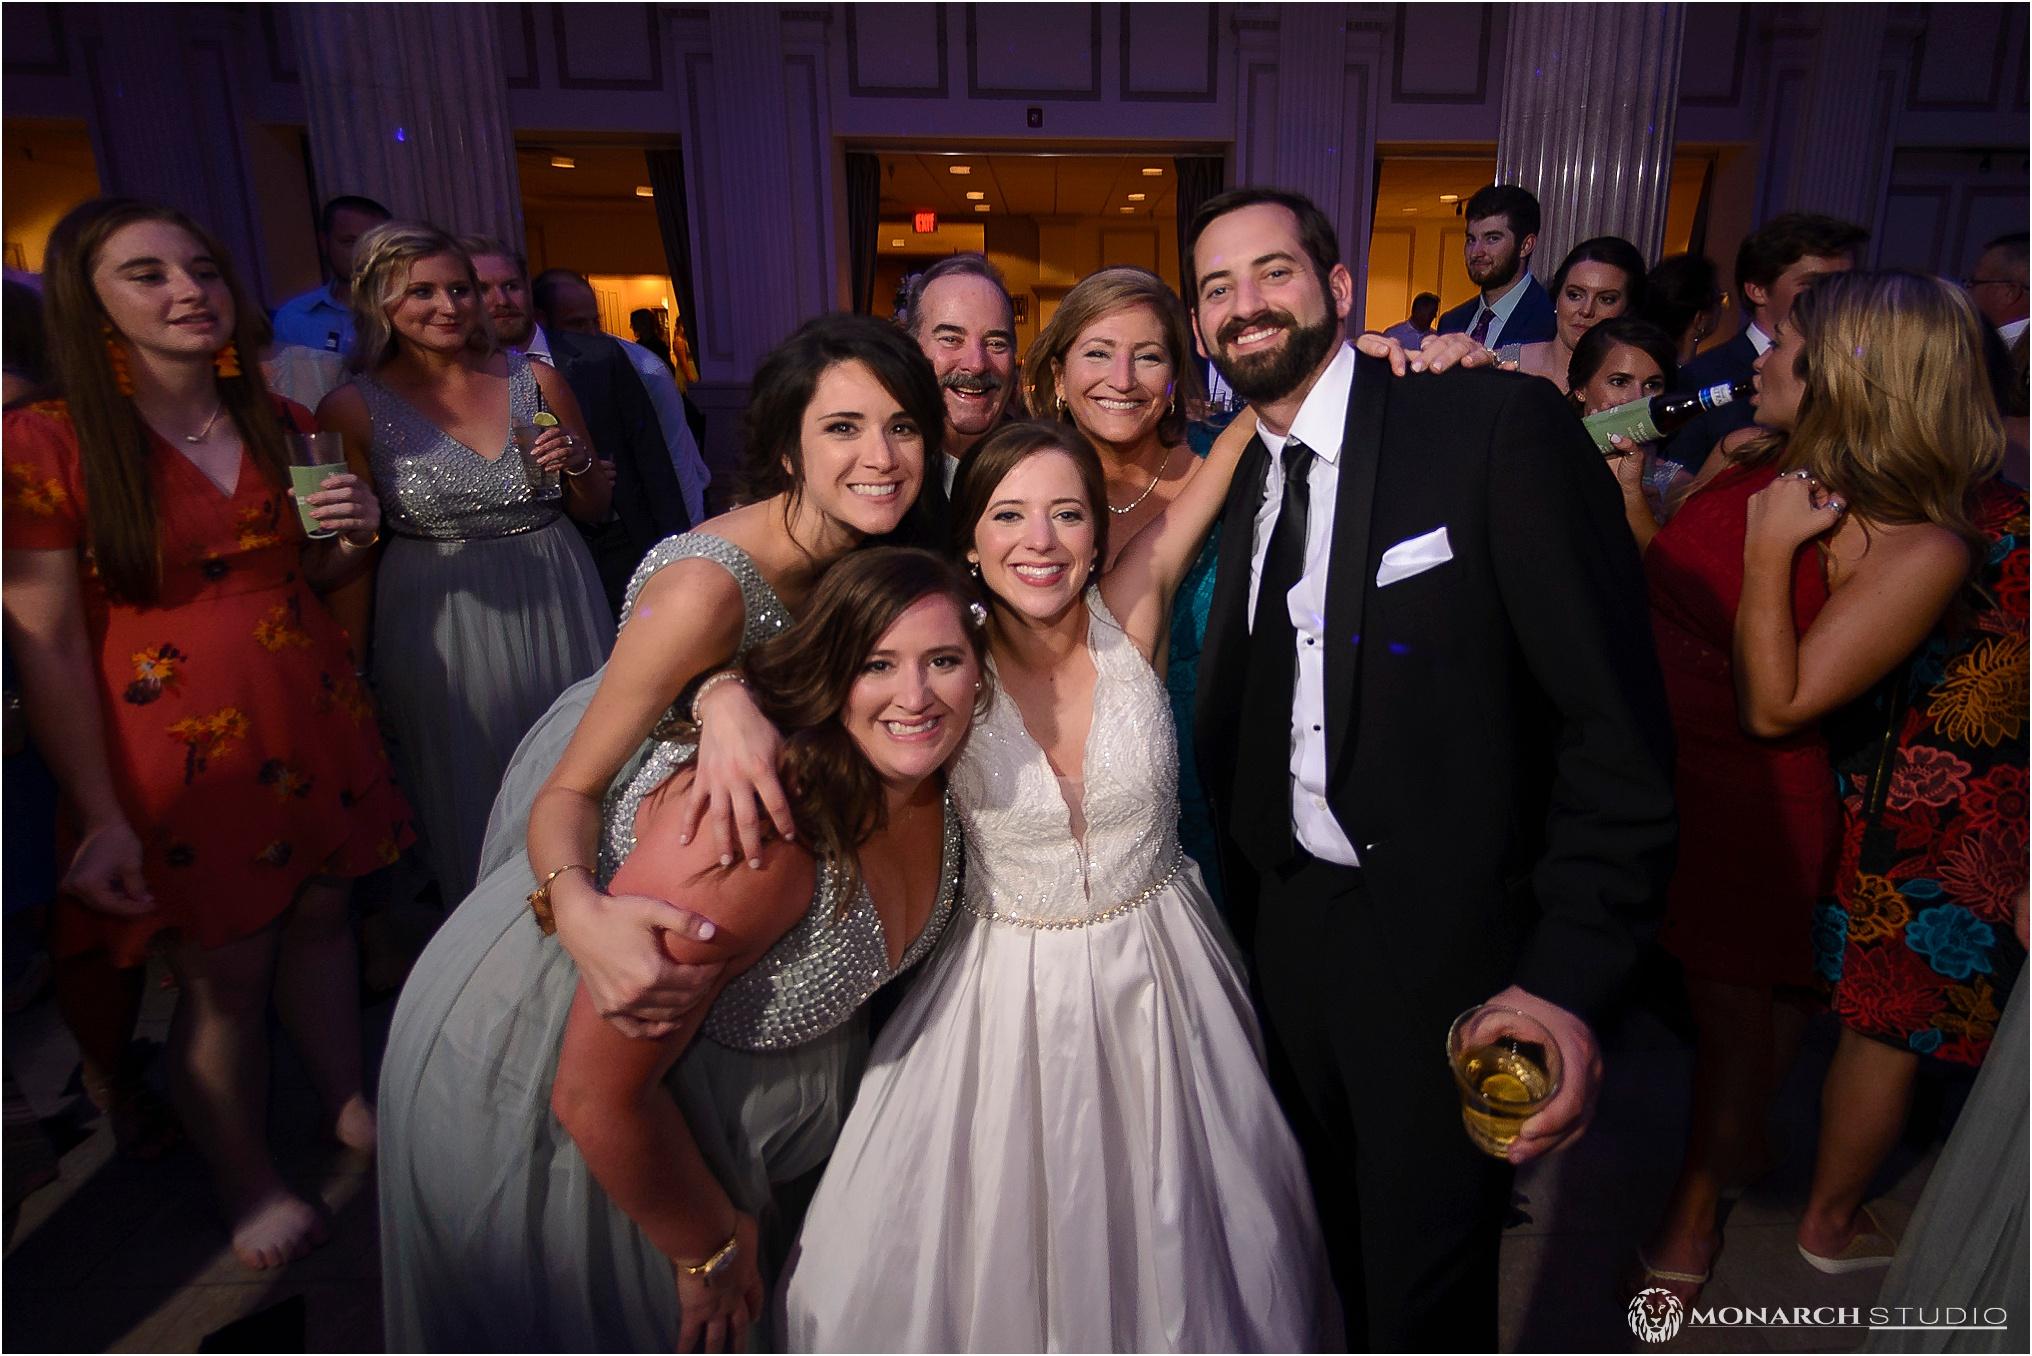 Wedding-PHotographer-in-st-augustine-2019-141.jpg